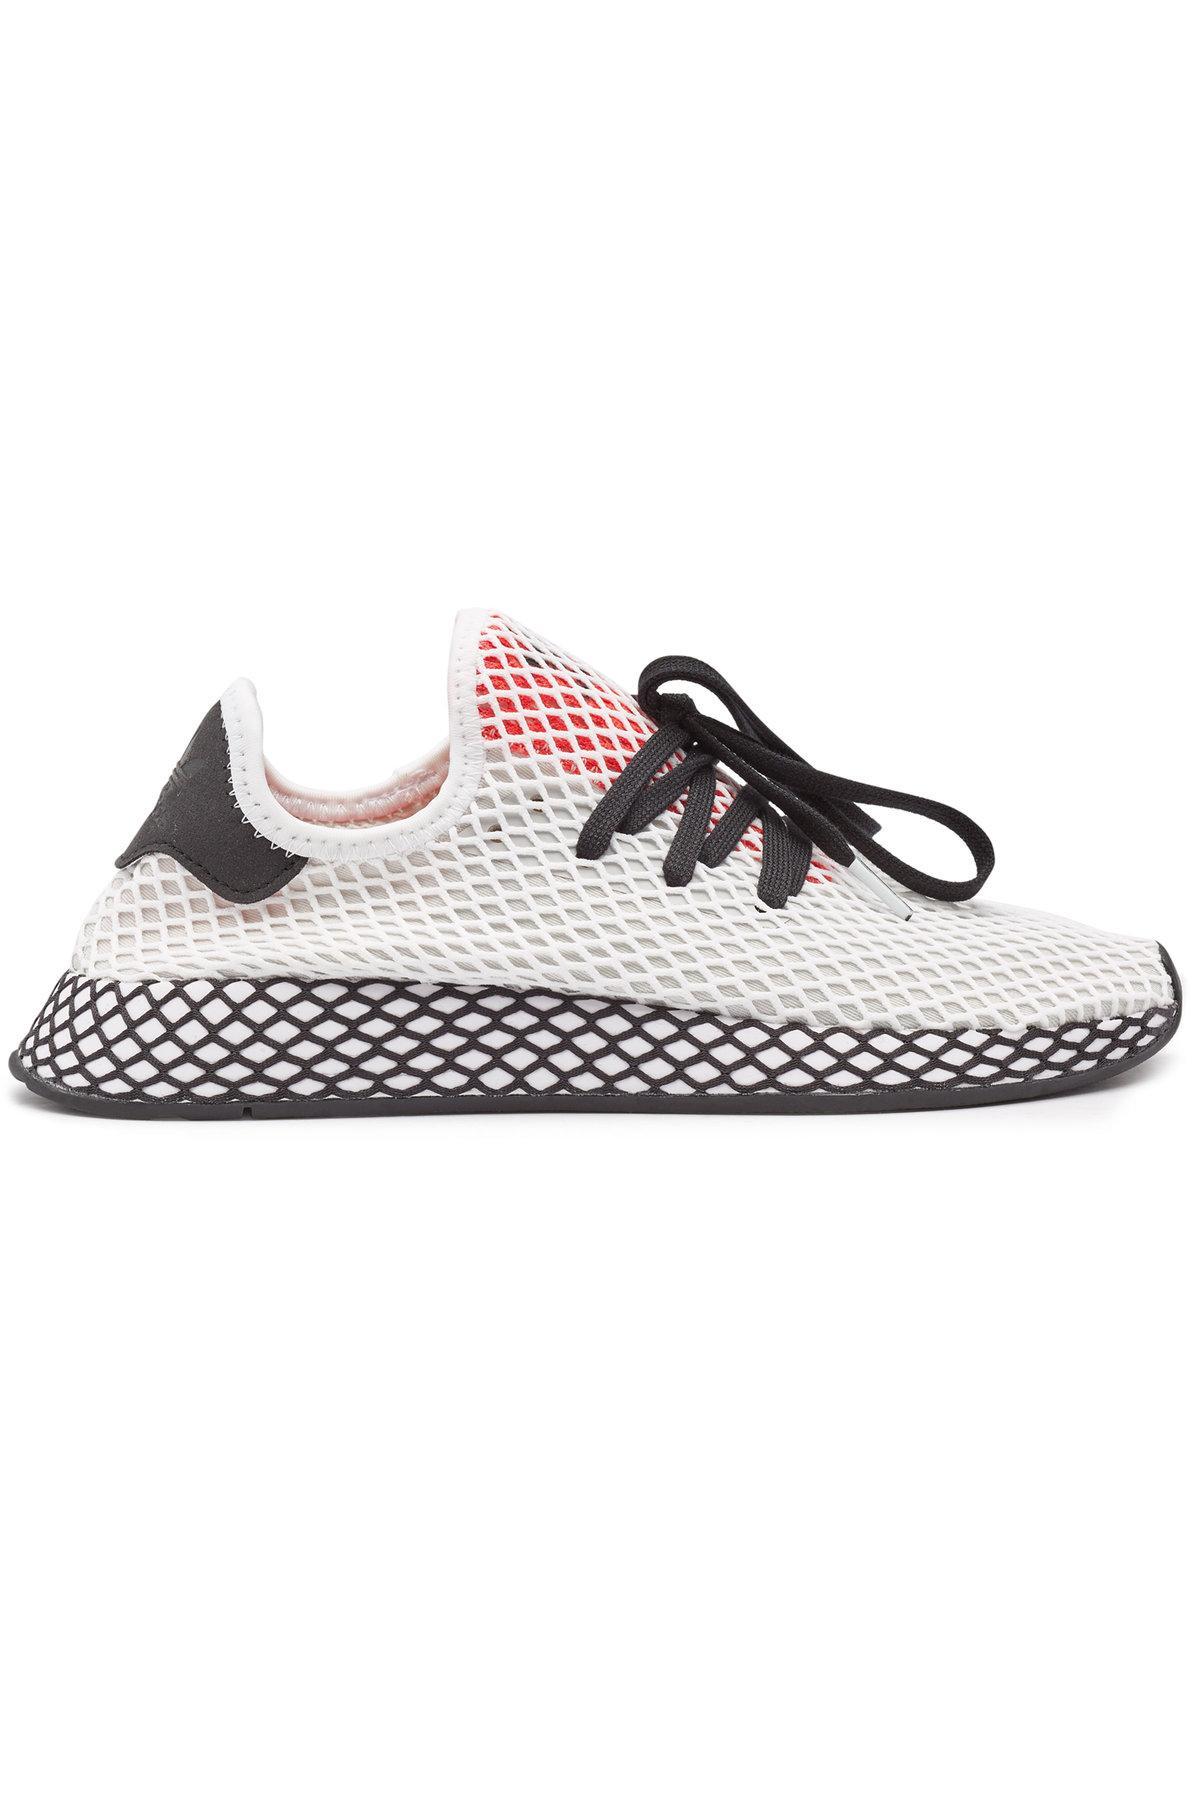 31b81770487c2 Adidas Originals - Multicolor Deerupt Runner Sneakers for Men - Lyst. View  fullscreen